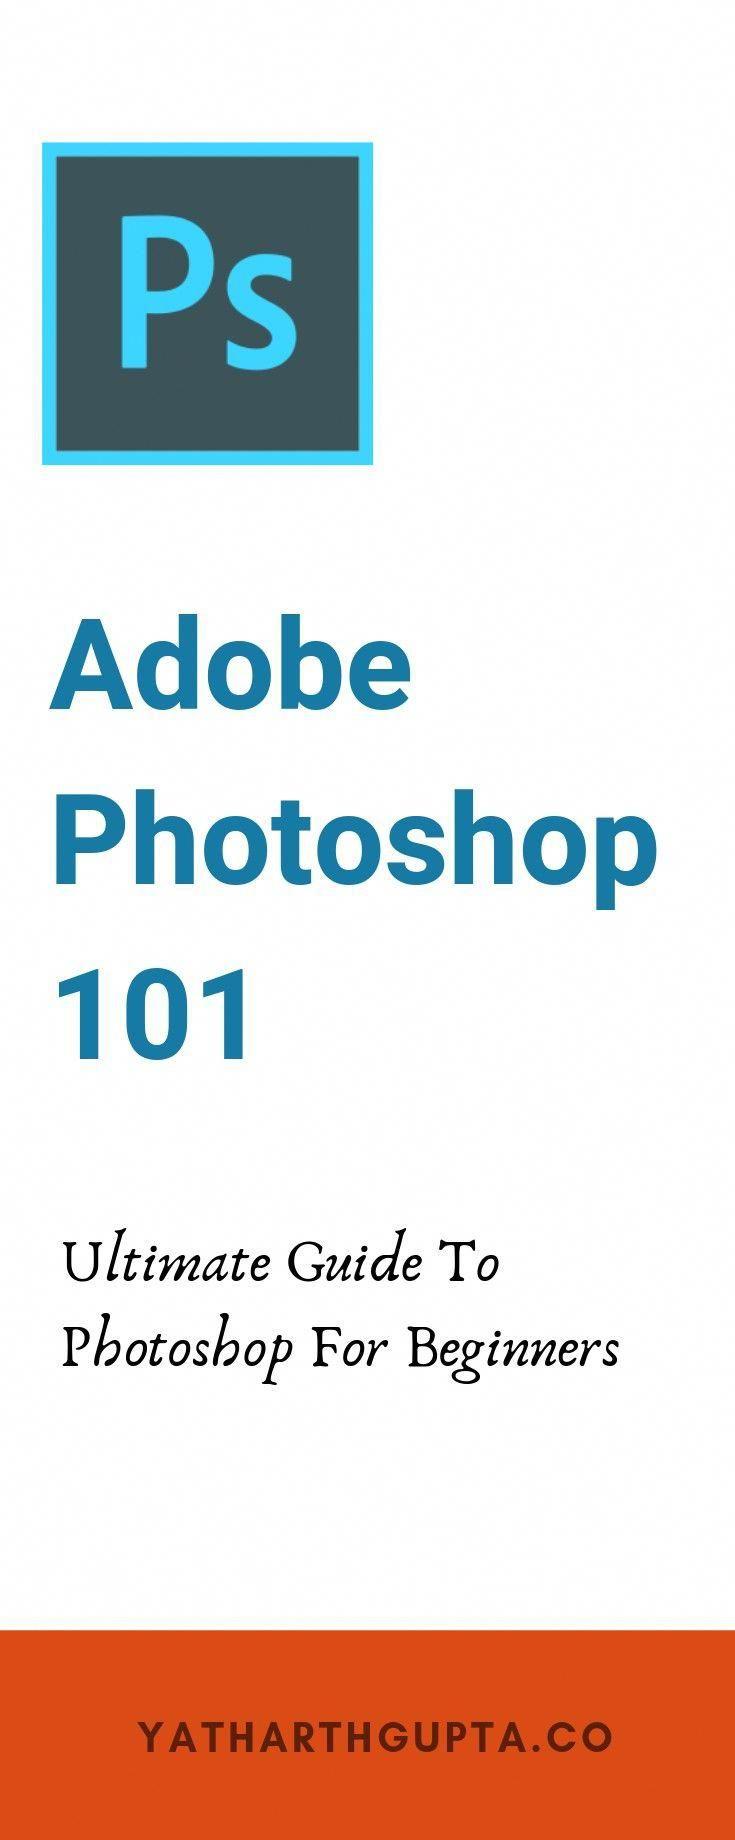 Photoshop Basics For Photographers 2021 Free Course Yatharth Gupta Photoshop Basics Beginner Photoshop Photoshop 101